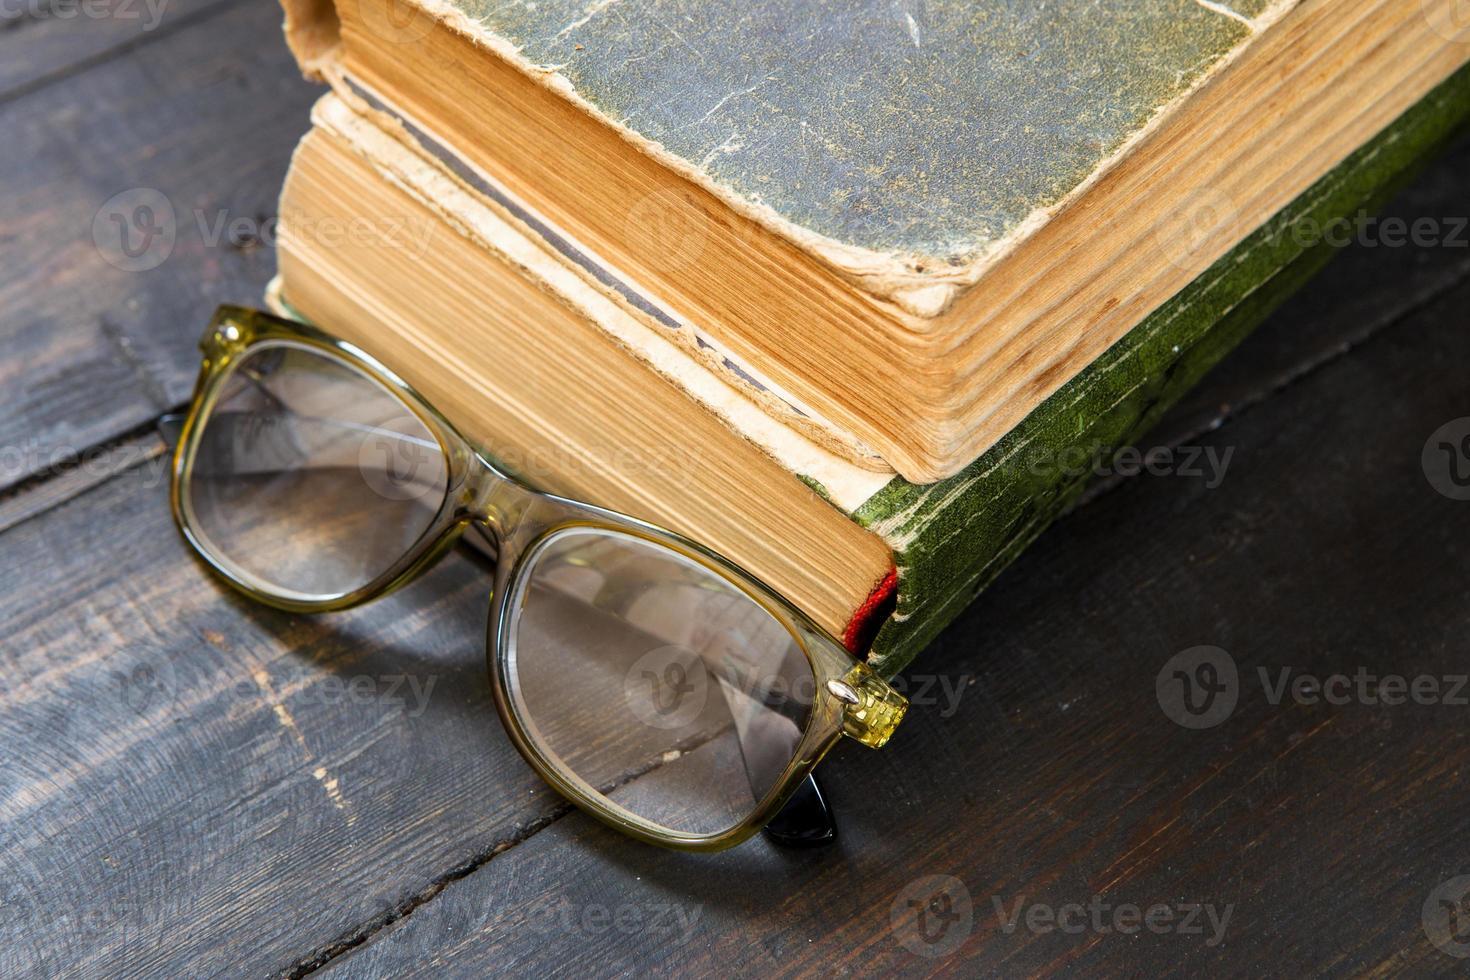 occhiali da lettura vintage e il libro su fondo in legno foto